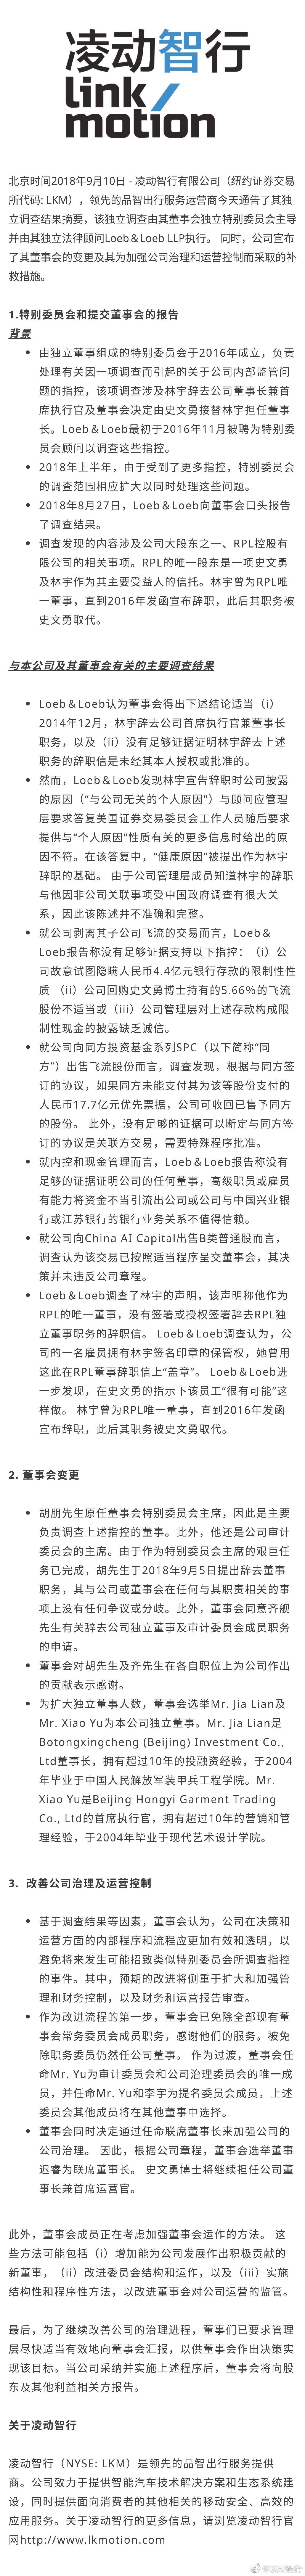 """史文勇否认绑架 网秦回应林宇辞职信很有可能""""被盖章""""的照片 - 2"""